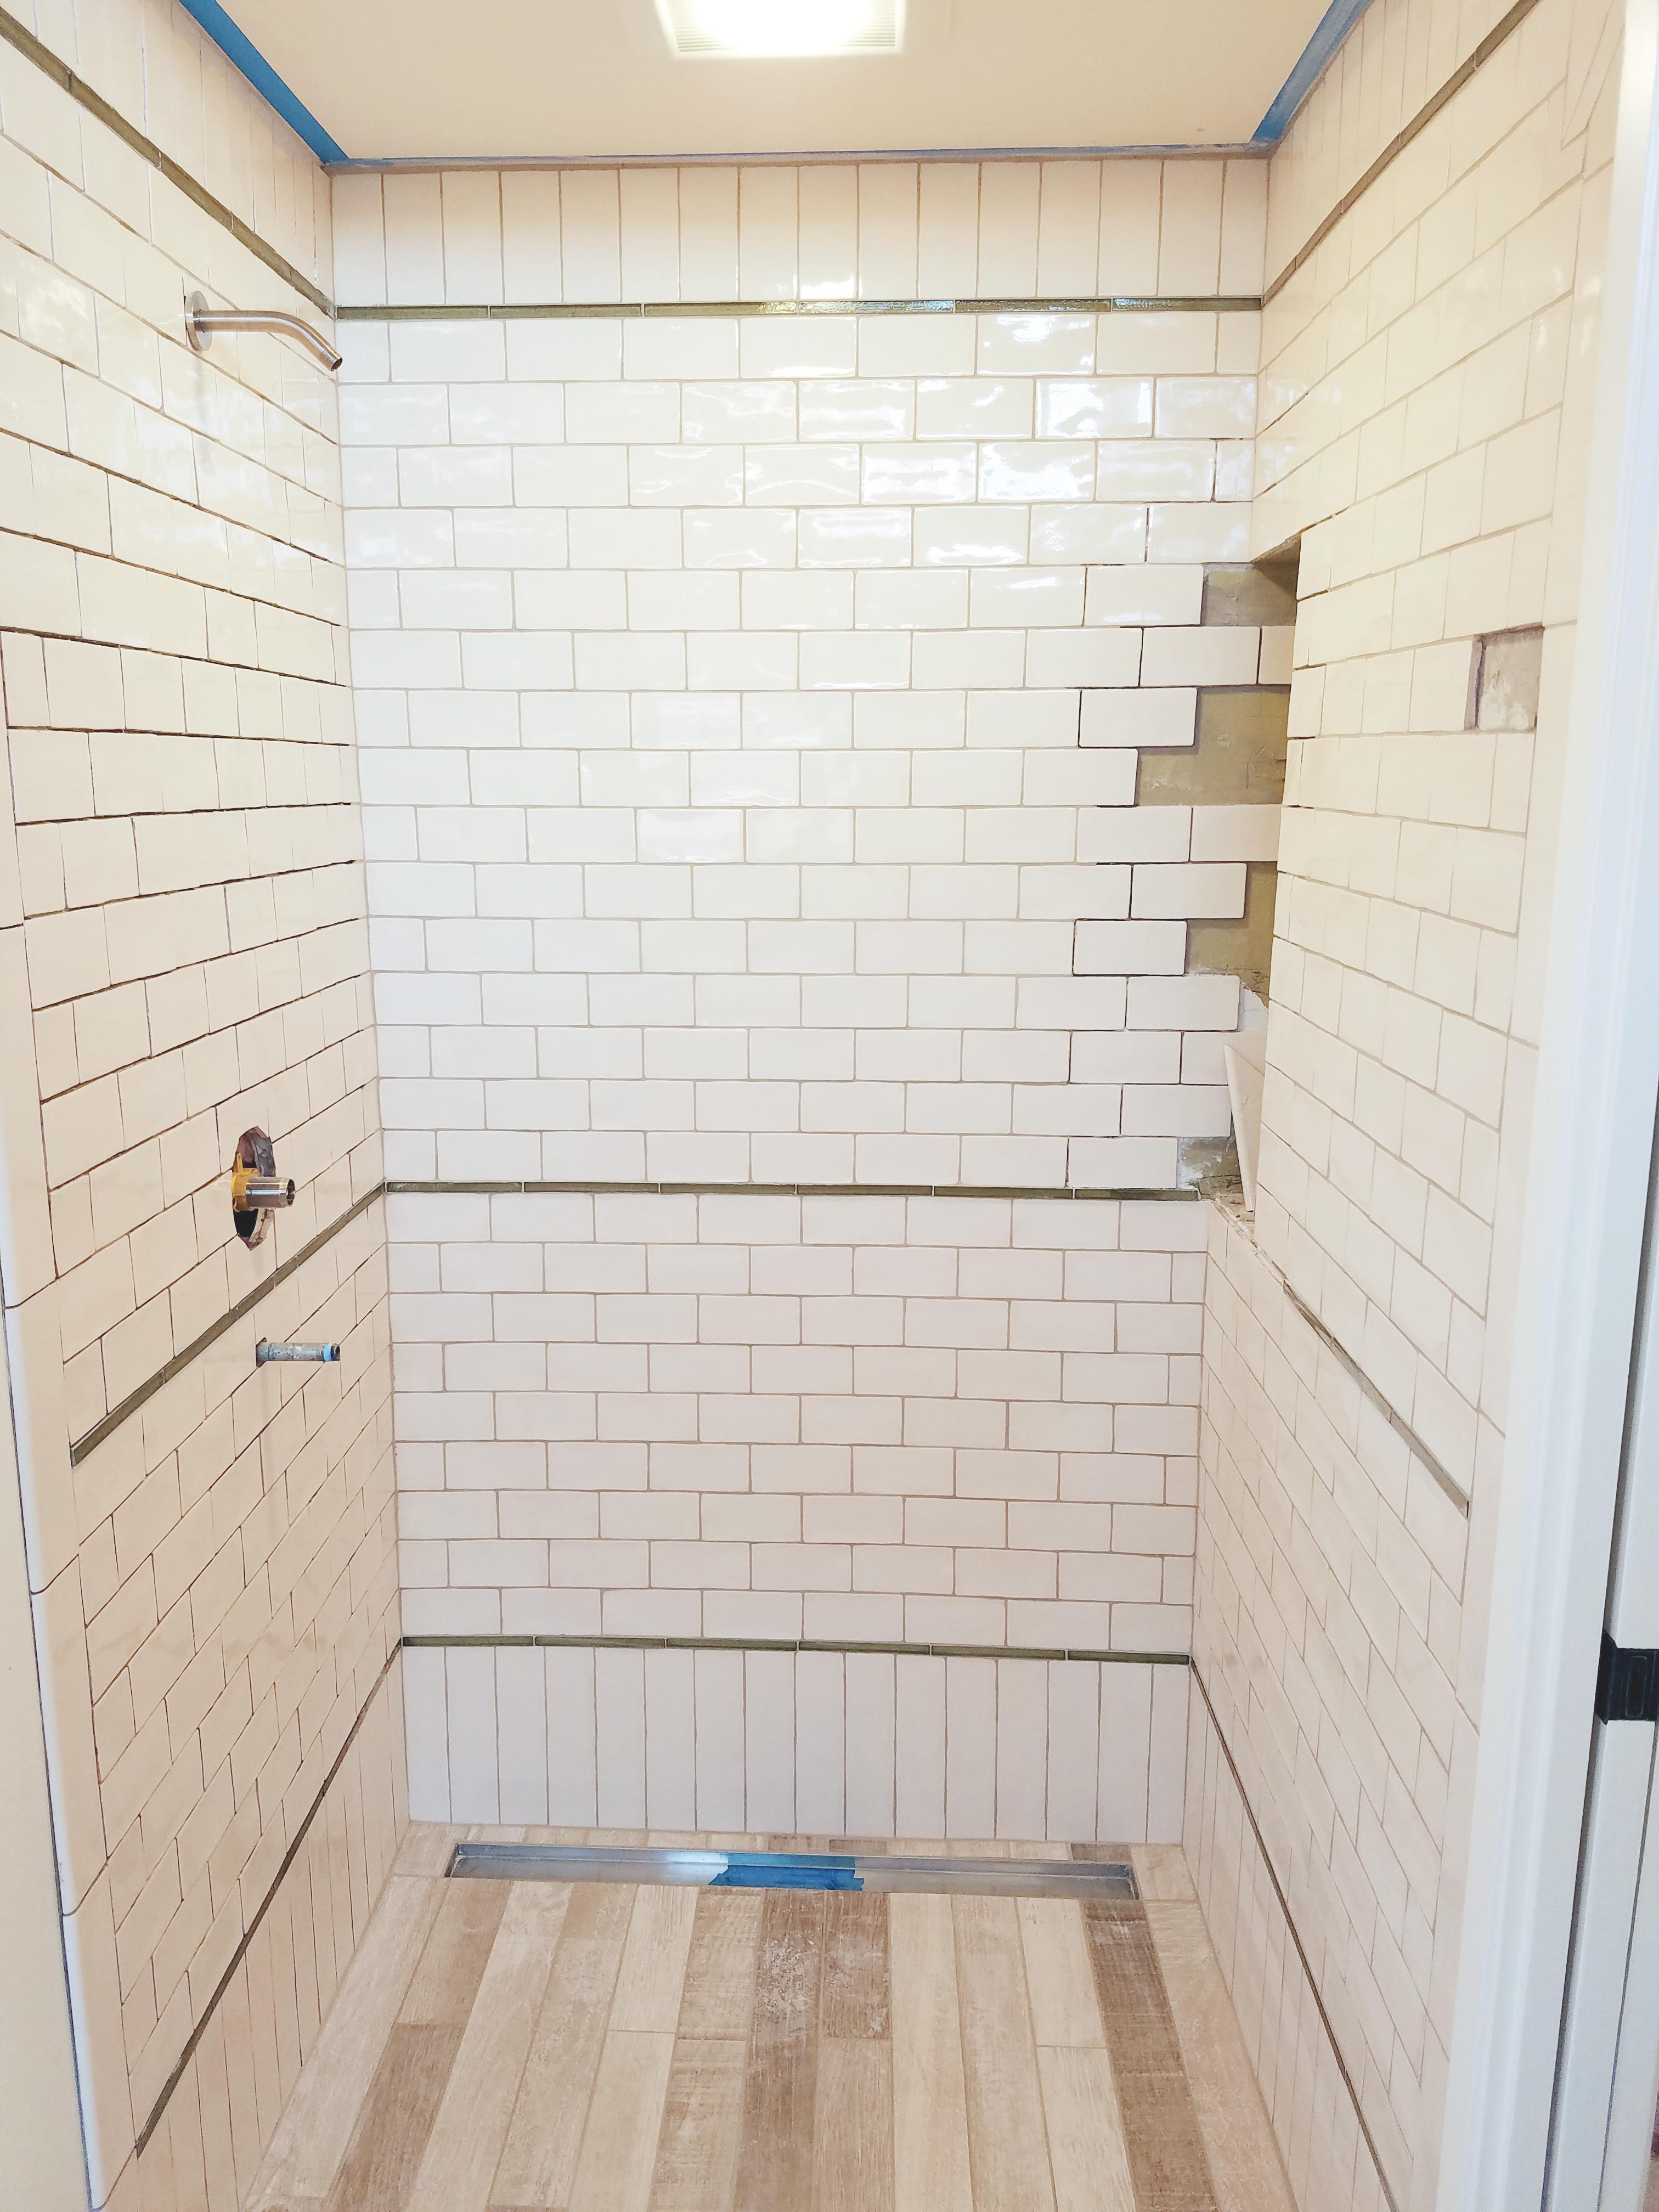 Barrier Free Shower Floor Tile - Seelos Design & Construction